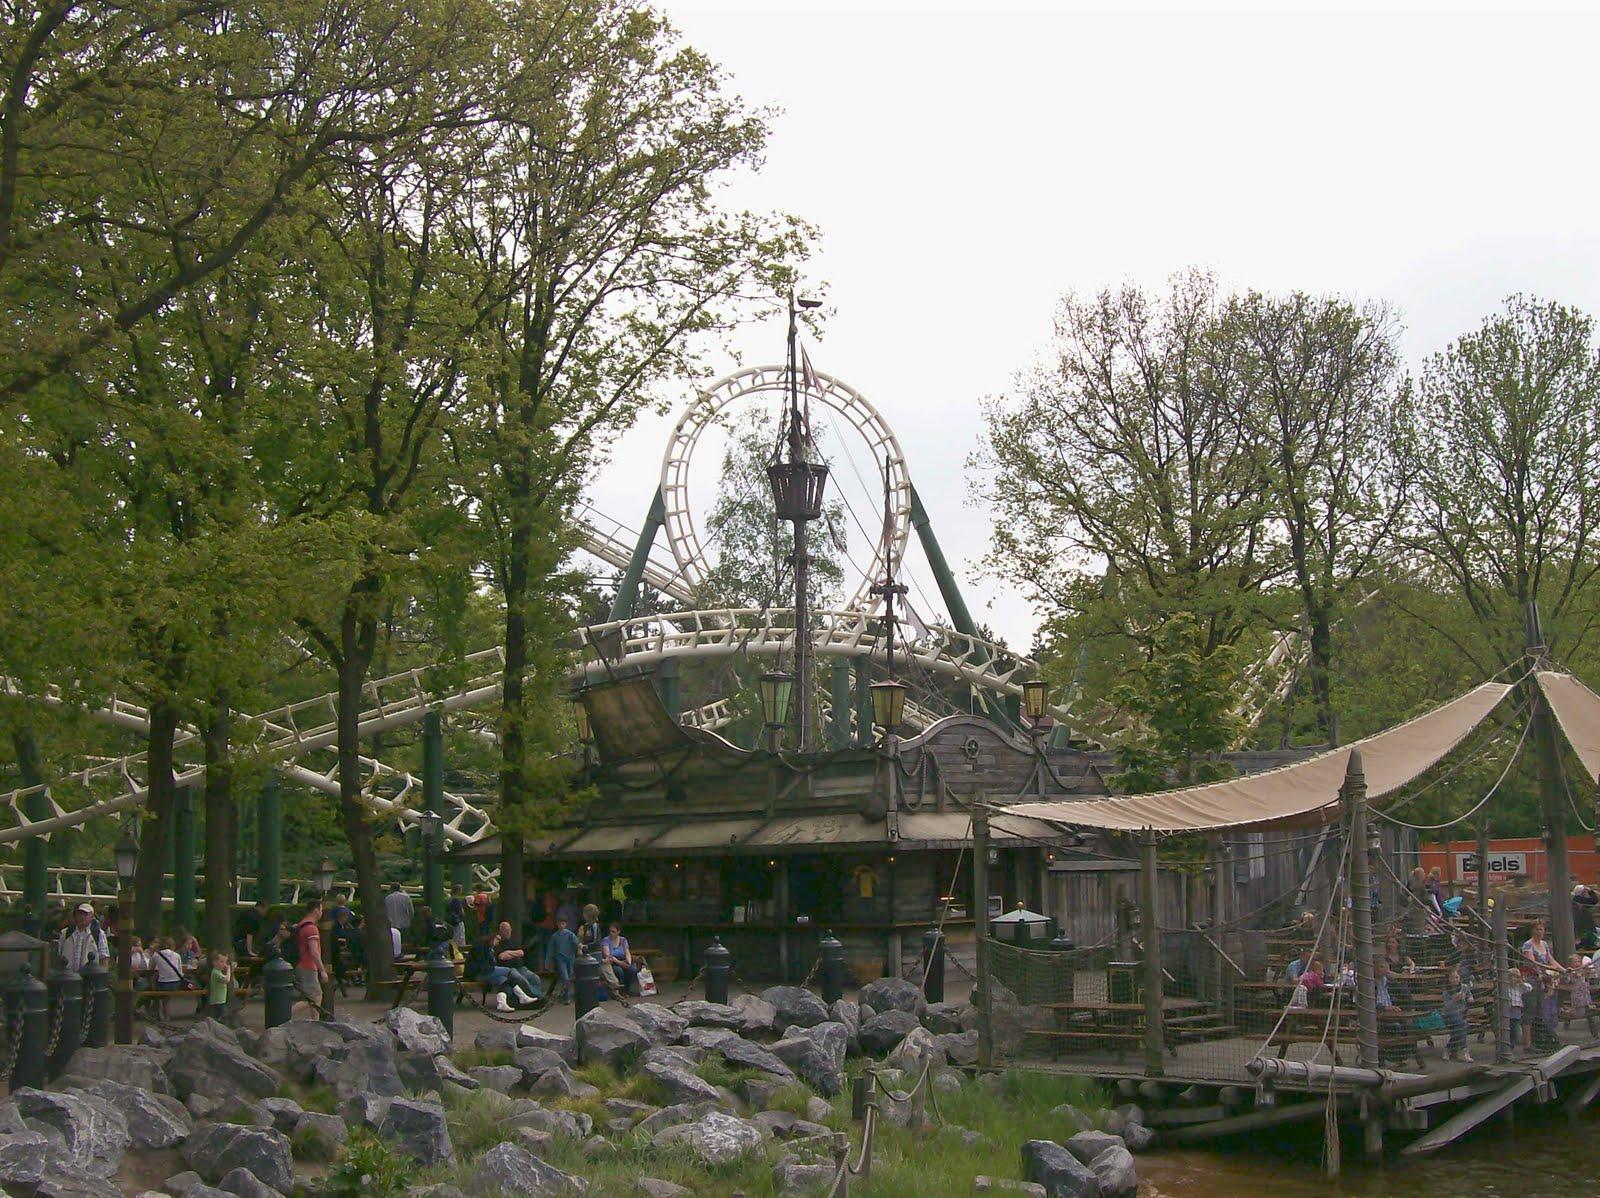 New in the netherlands day 126 de efteling for Amusement park netherlands